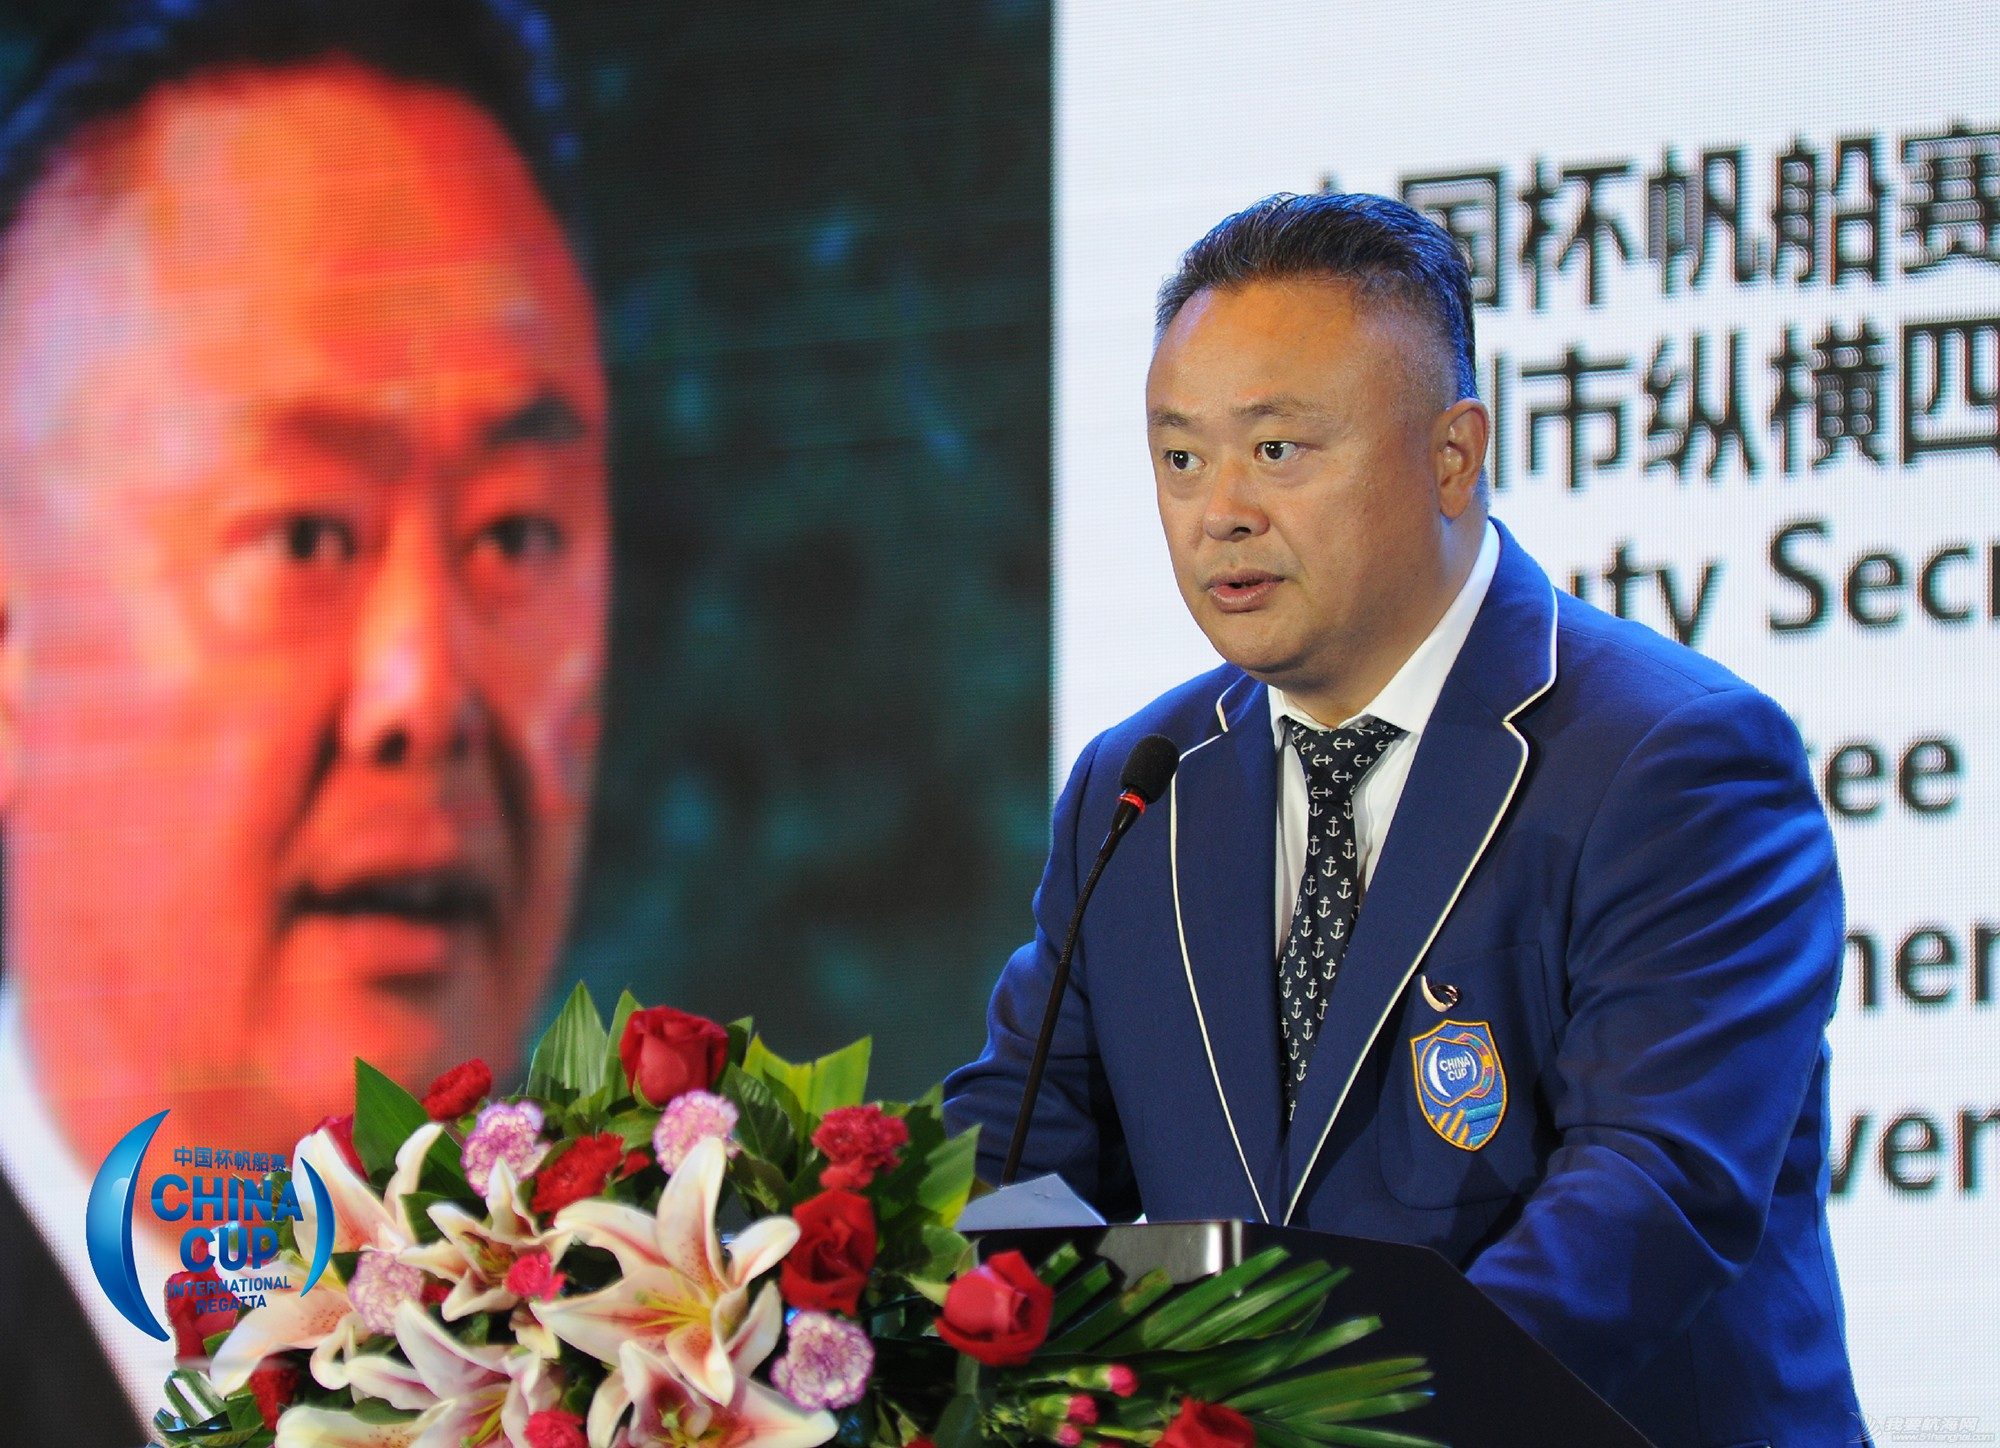 """中国航海 世界未来 第八届""""亚太区航海文化发展(大鹏)论坛""""在深圳举行 lADOf8ecO80G1s0JcQ_2417_1750.jpg"""